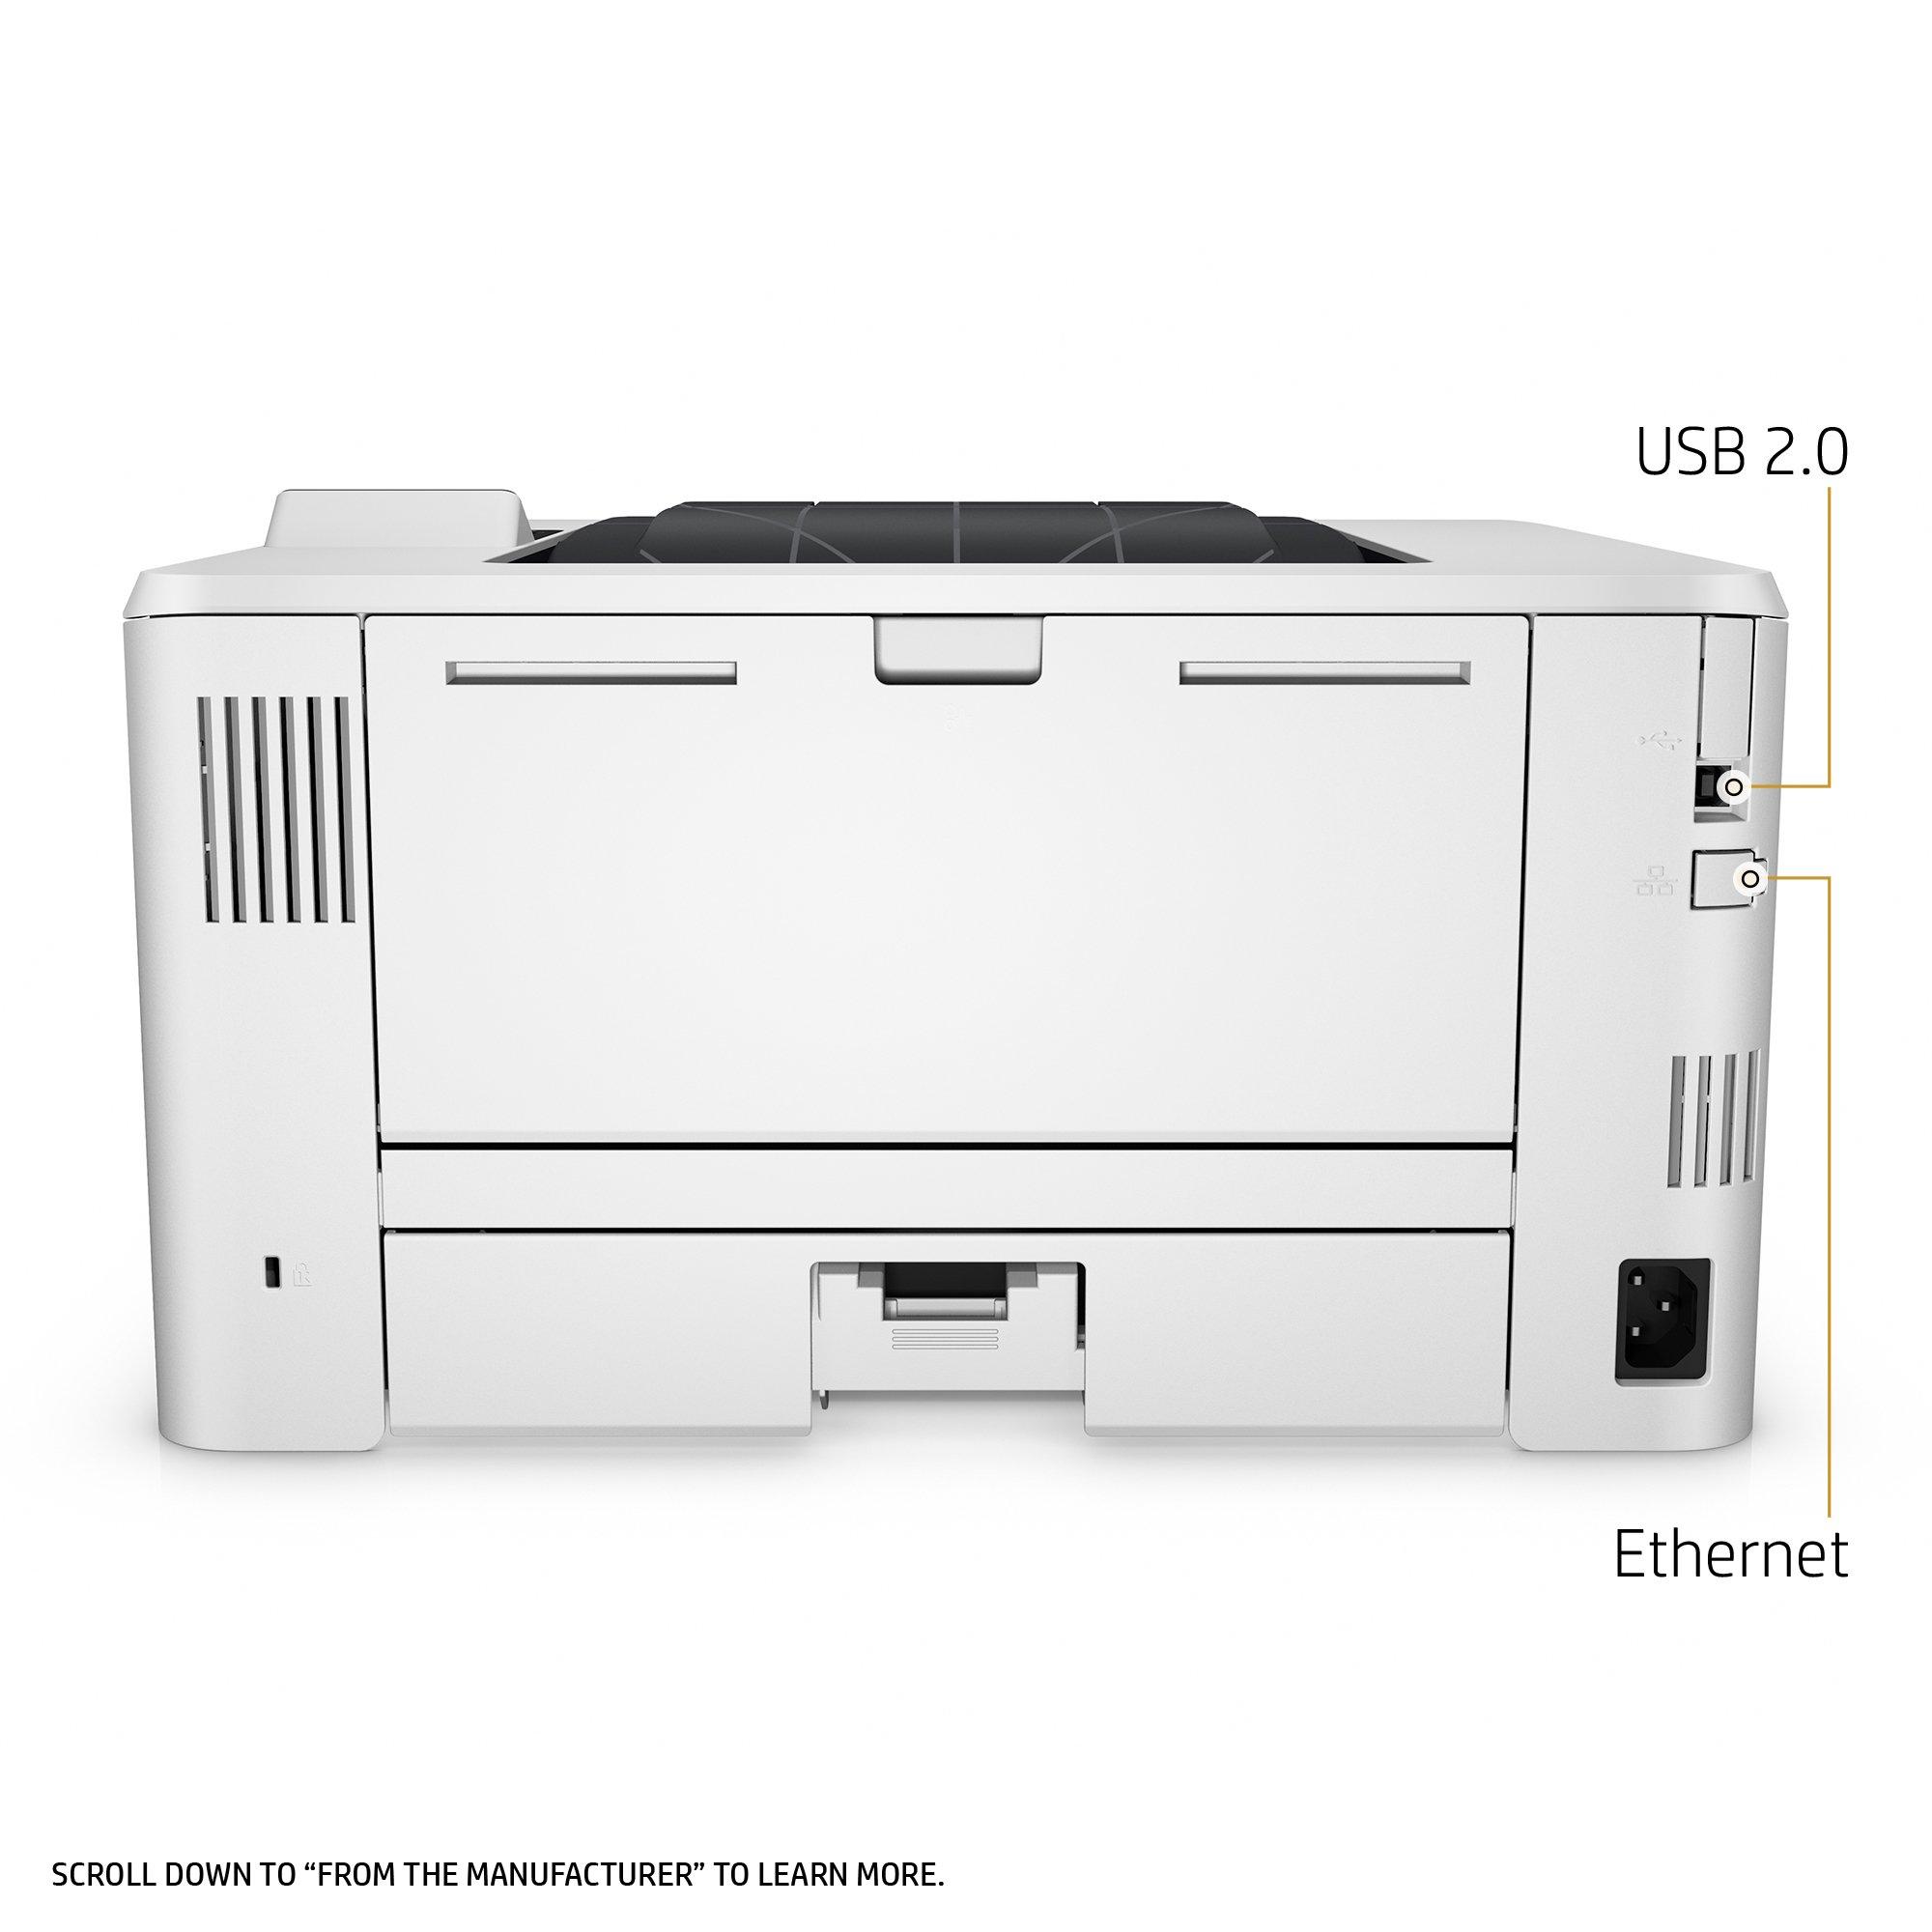 HP LaserJet Pro M402dw Wireless Monochrome Printer (C5F95A#BGJ) by HP (Image #7)